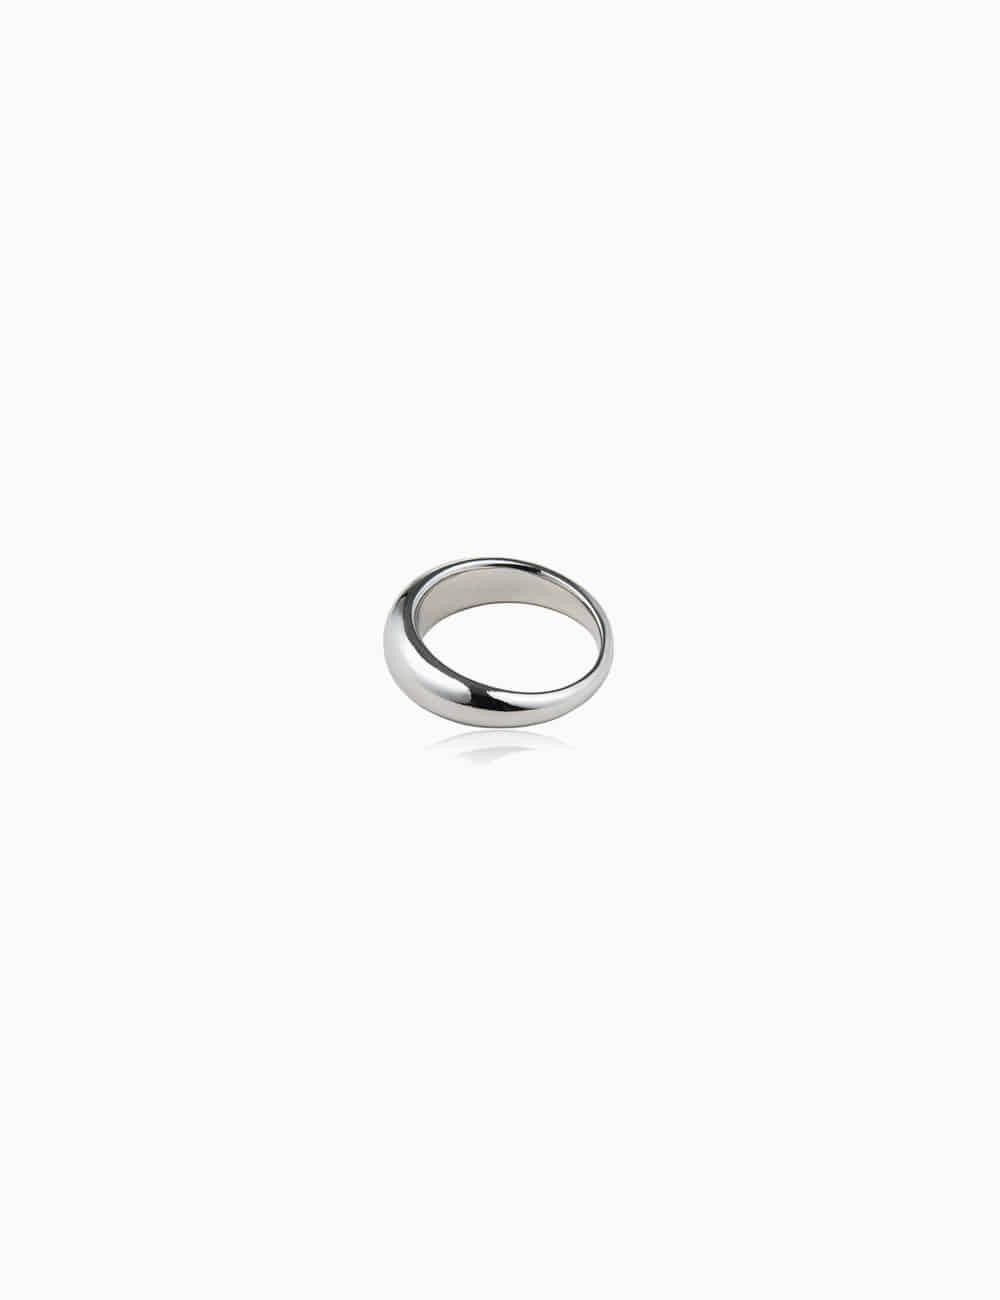 일레란느 GENTLER BOLD SMALL RING 젠틀러 볼드 스몰 링 레이어드 반지